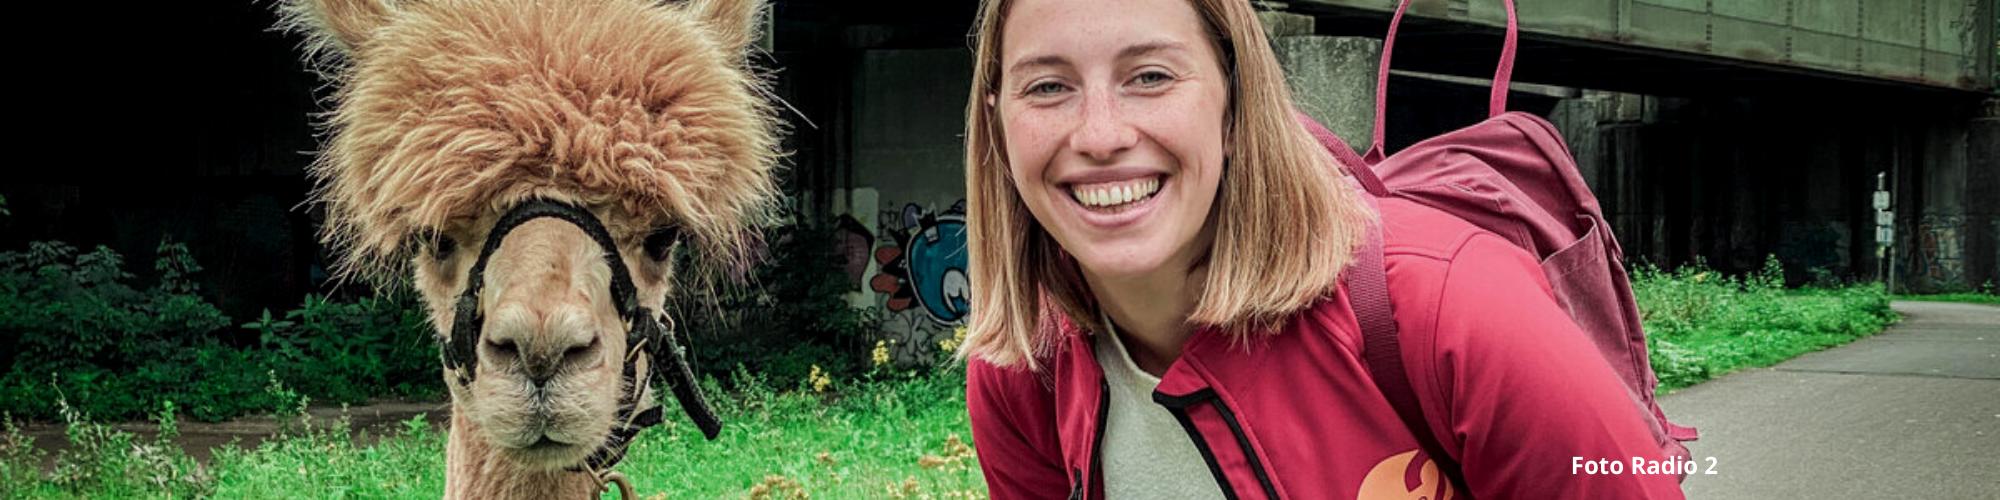 Ladybikers maken promo voor Oost-Vlaanderen